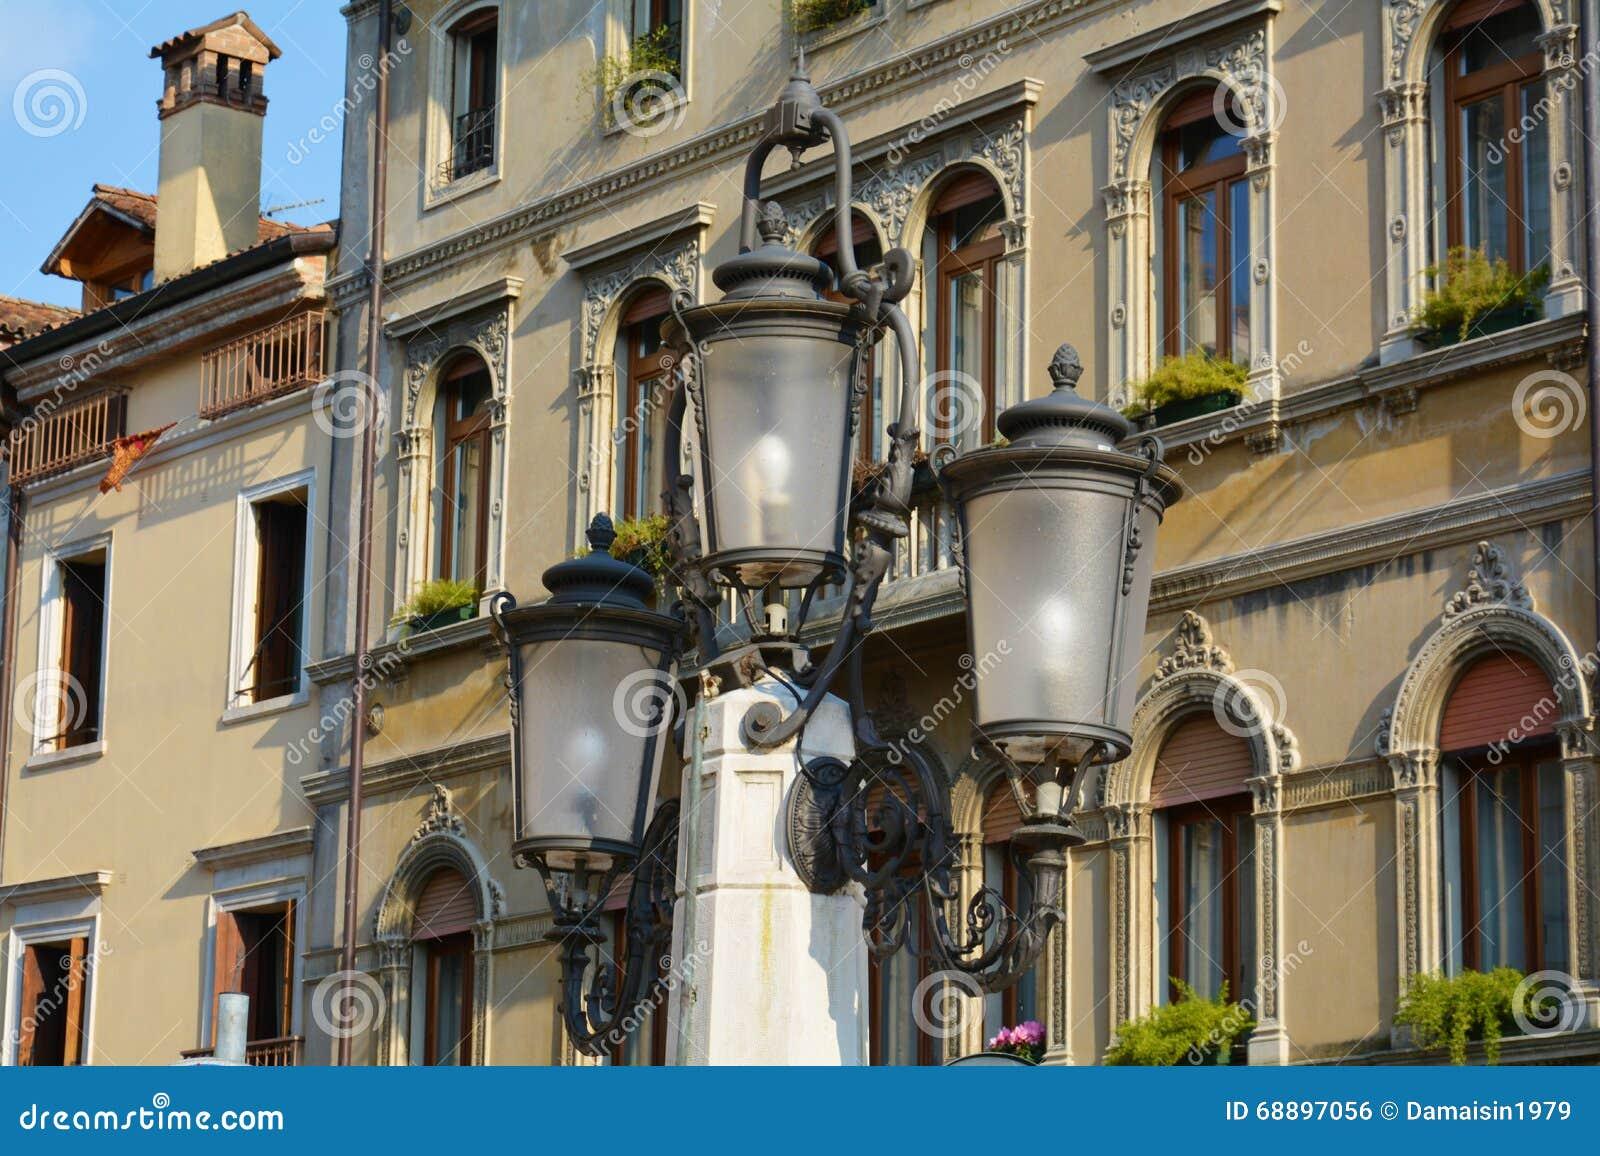 Architecture in Conegliano, Italy